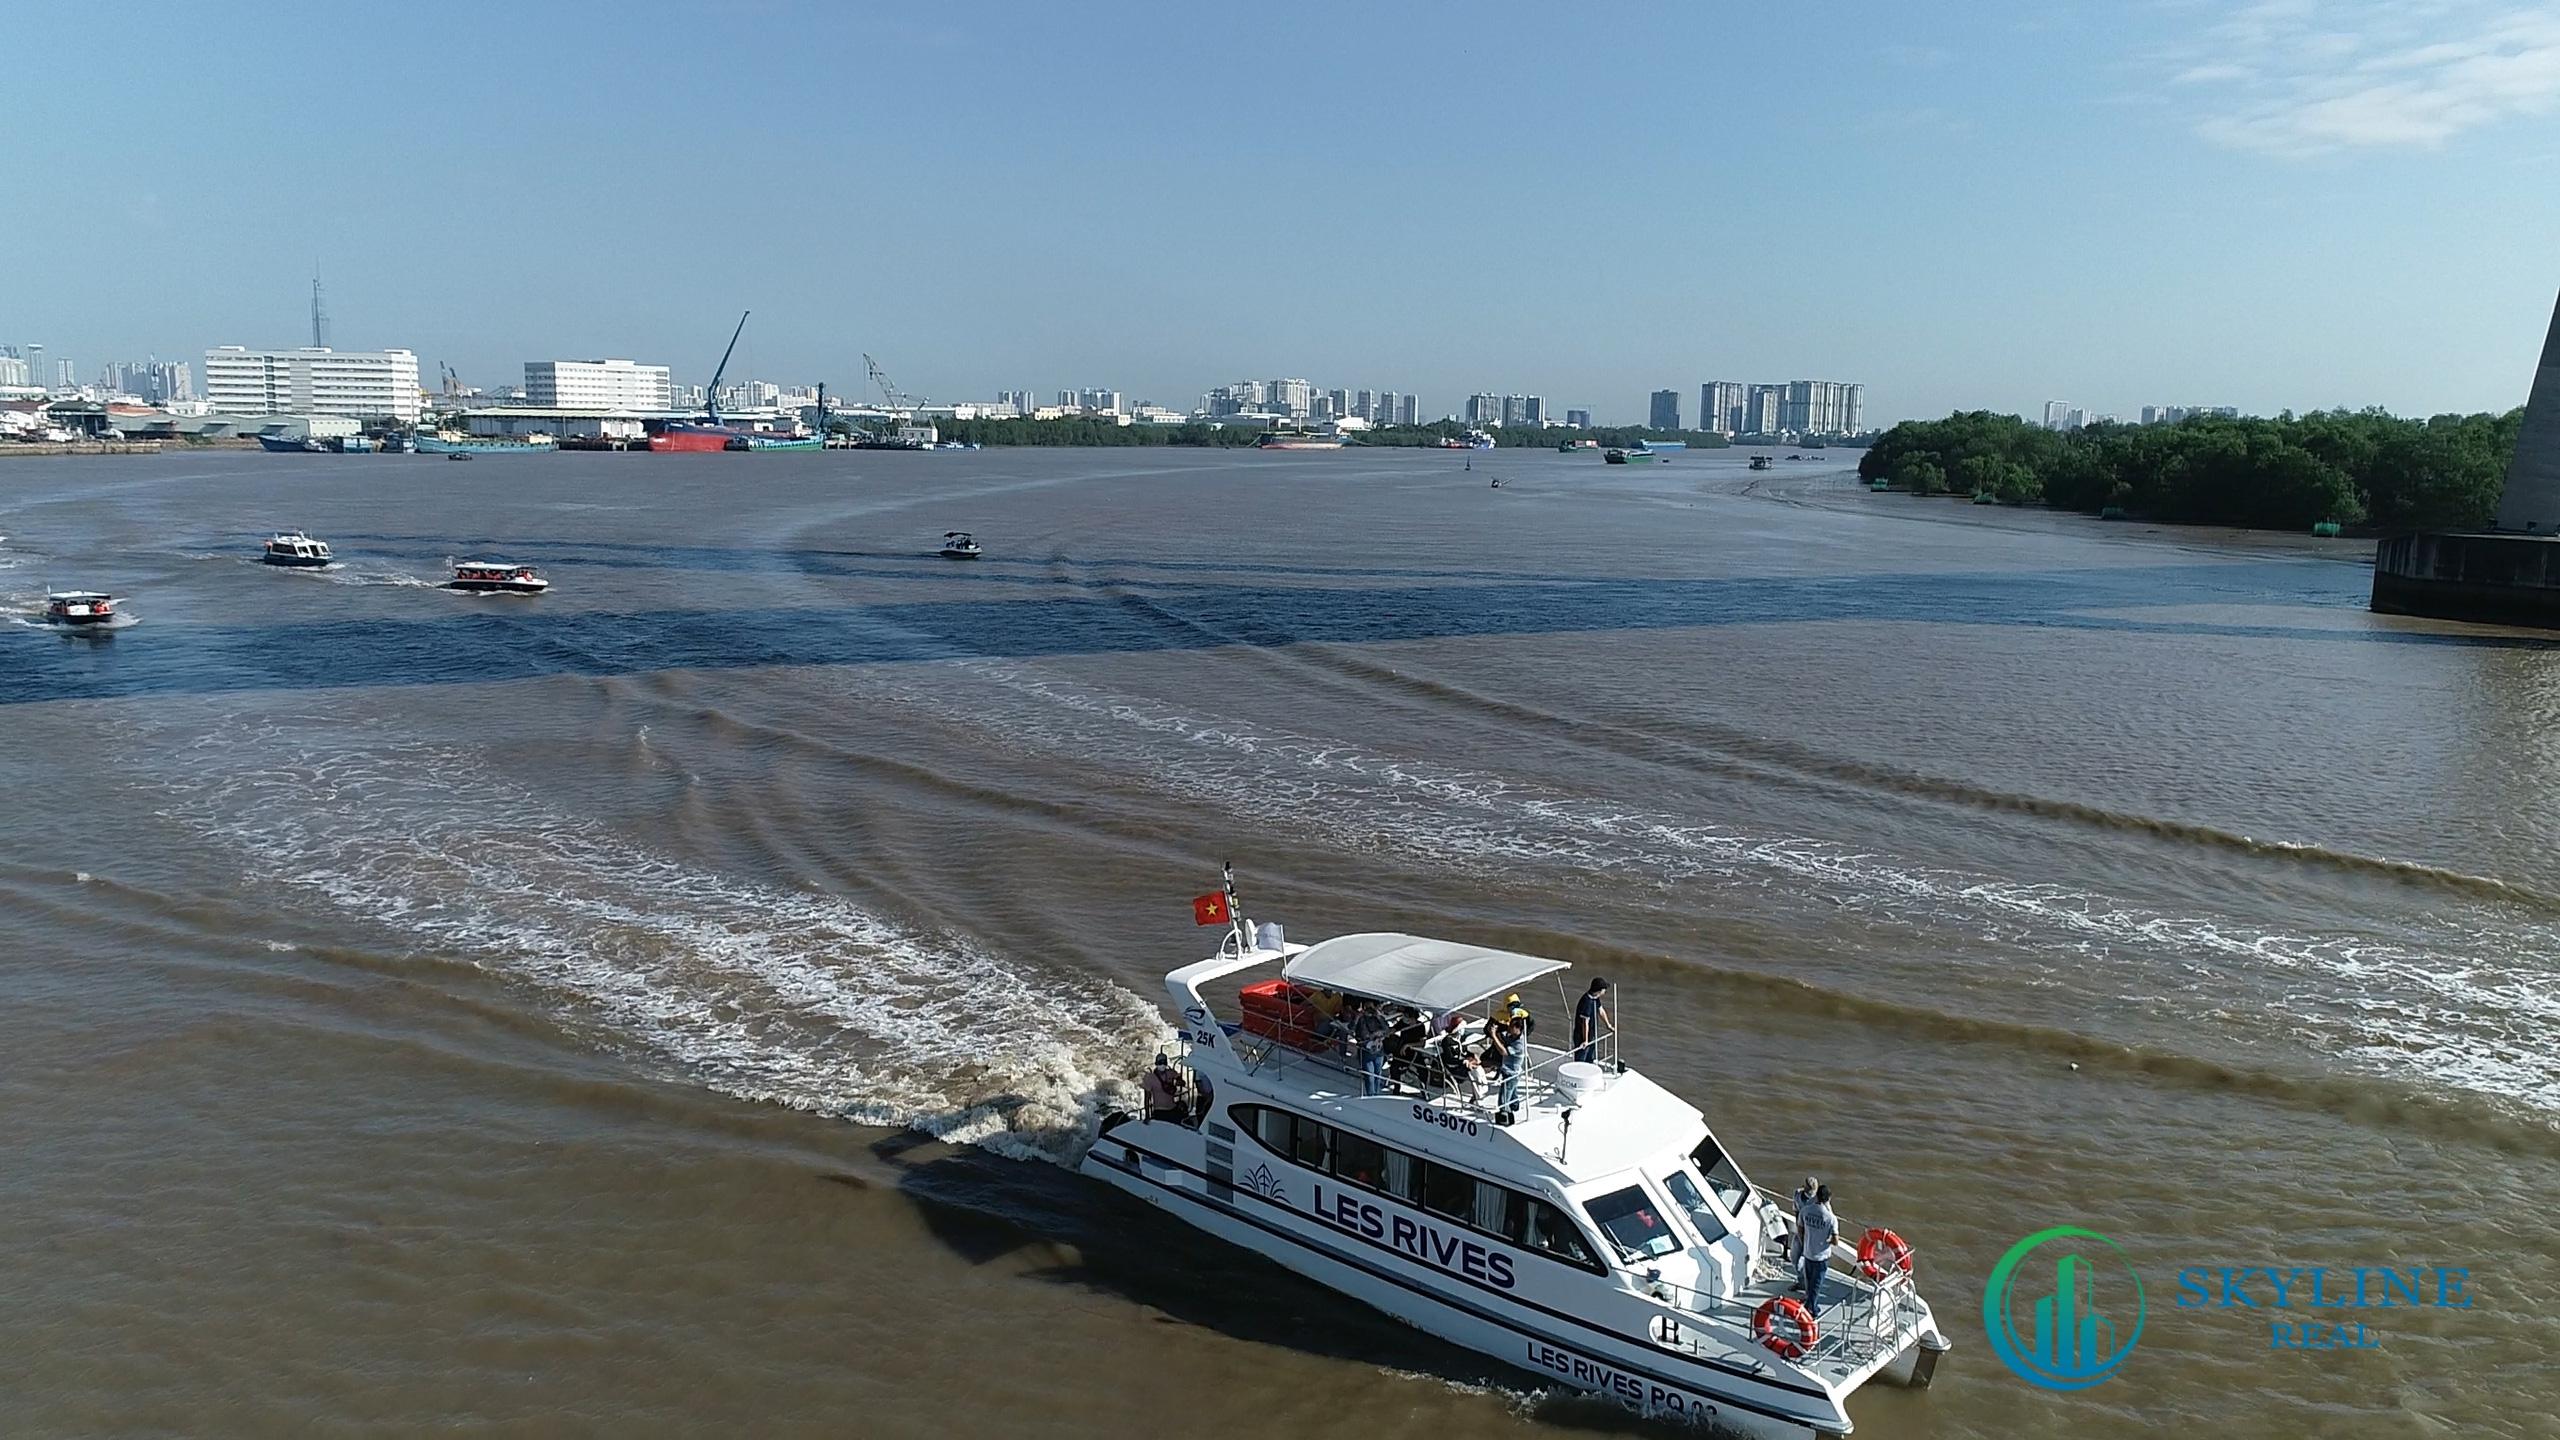 Tour trải nghiệm không gian sống đảo Phượng Hoàng bằng du thuyền cuối năm 2020